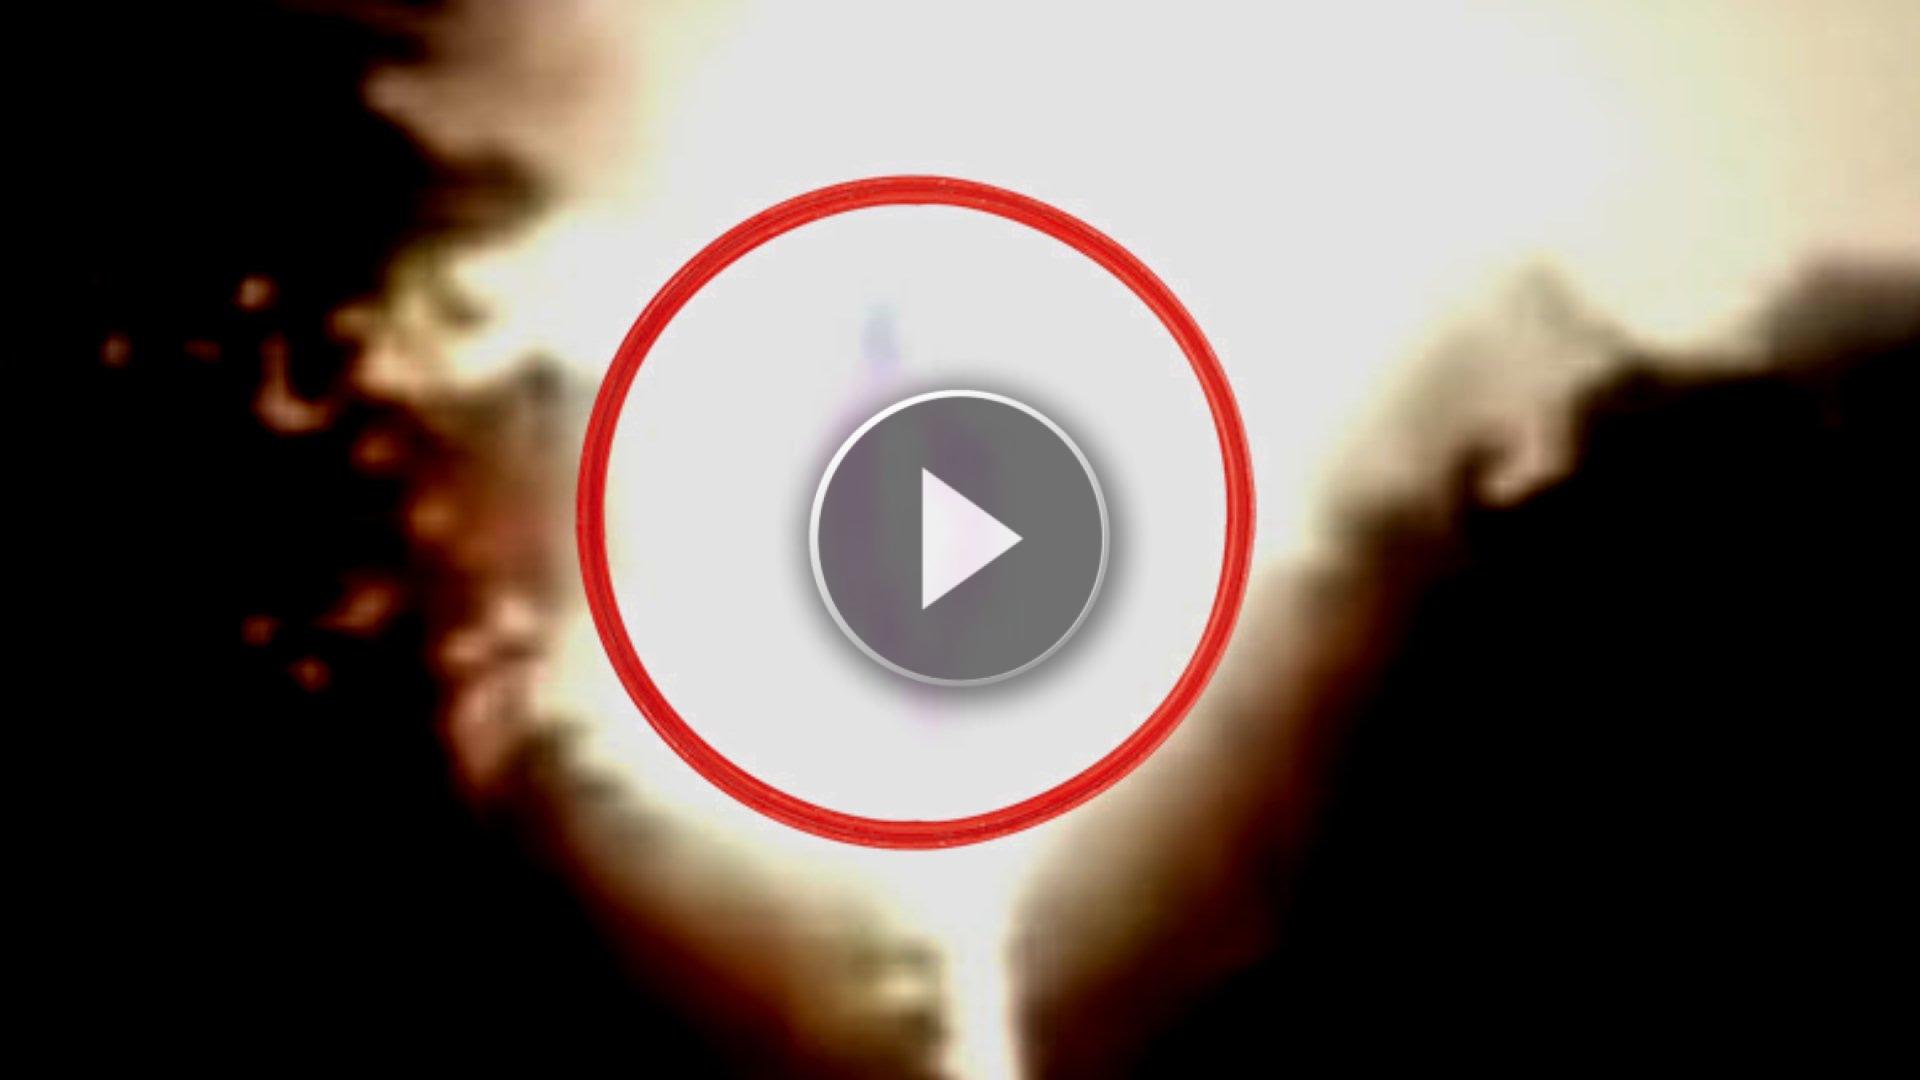 Incredibile miracolo filmato a Medjugorje: la Madonna si vede nel Sole!! Verità o illusione ottica??